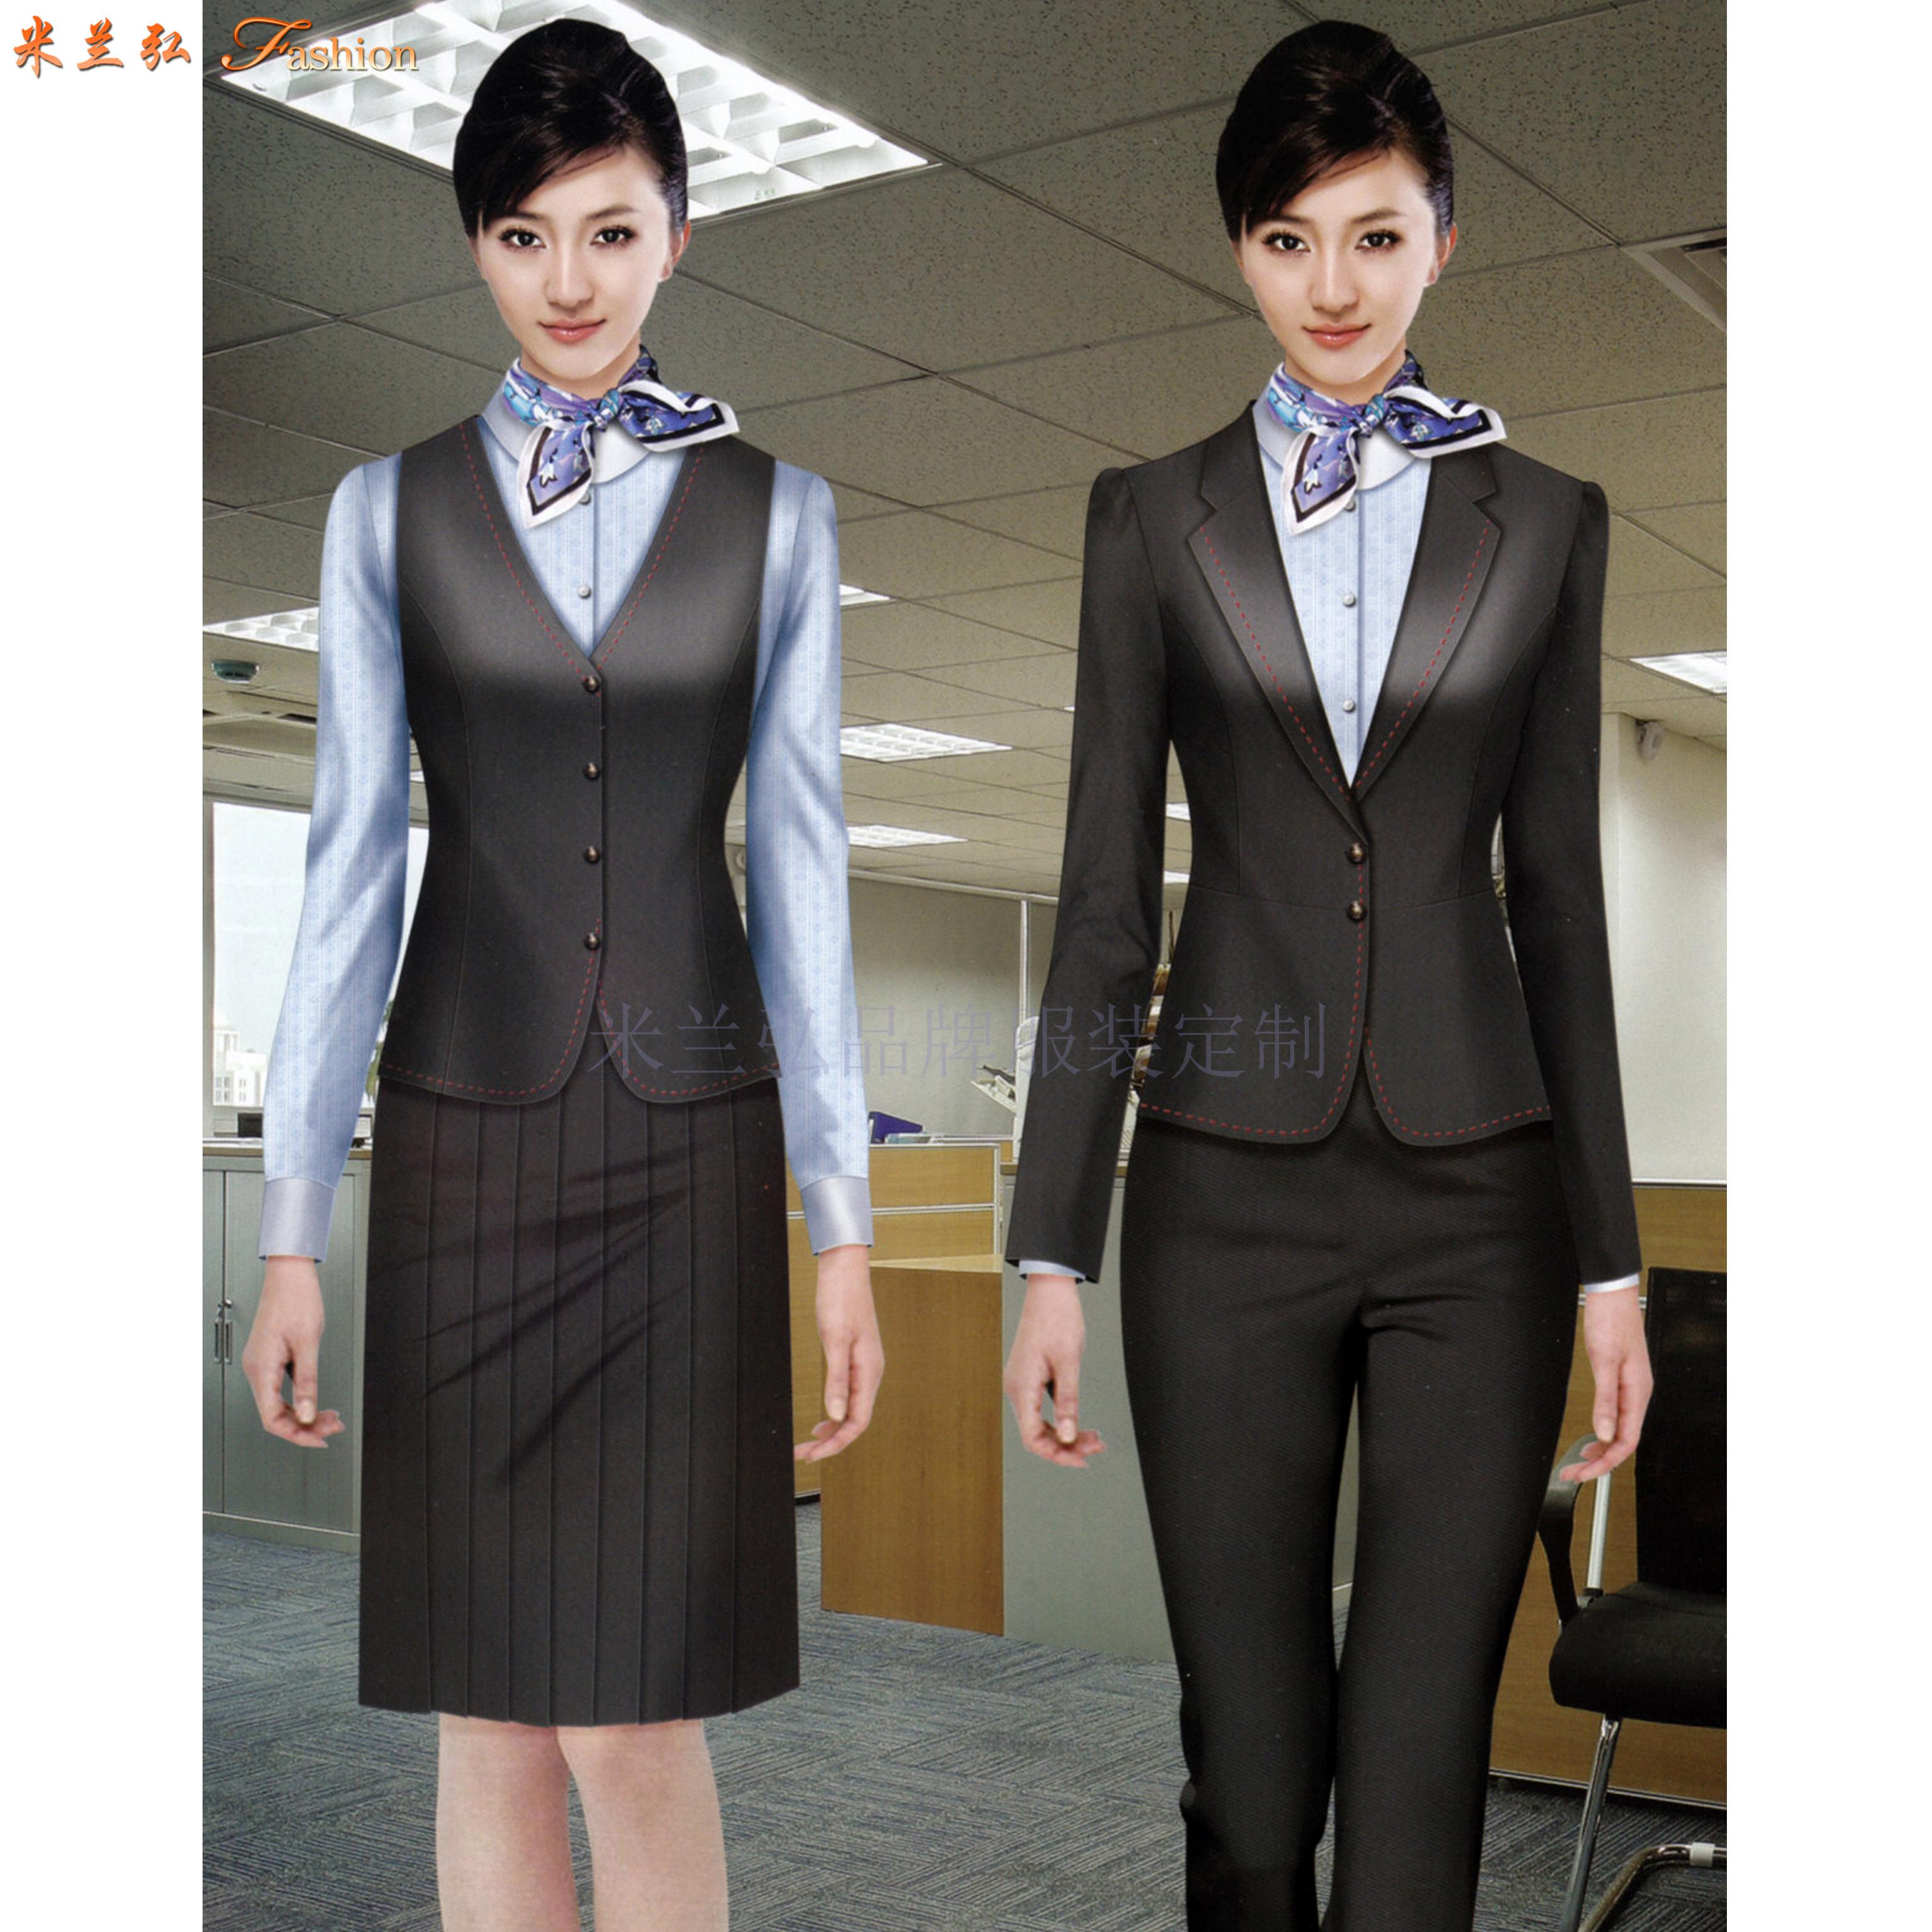 「北京西服定製團購」專業訂製企事業單位正裝西服-湖北快3服裝-1